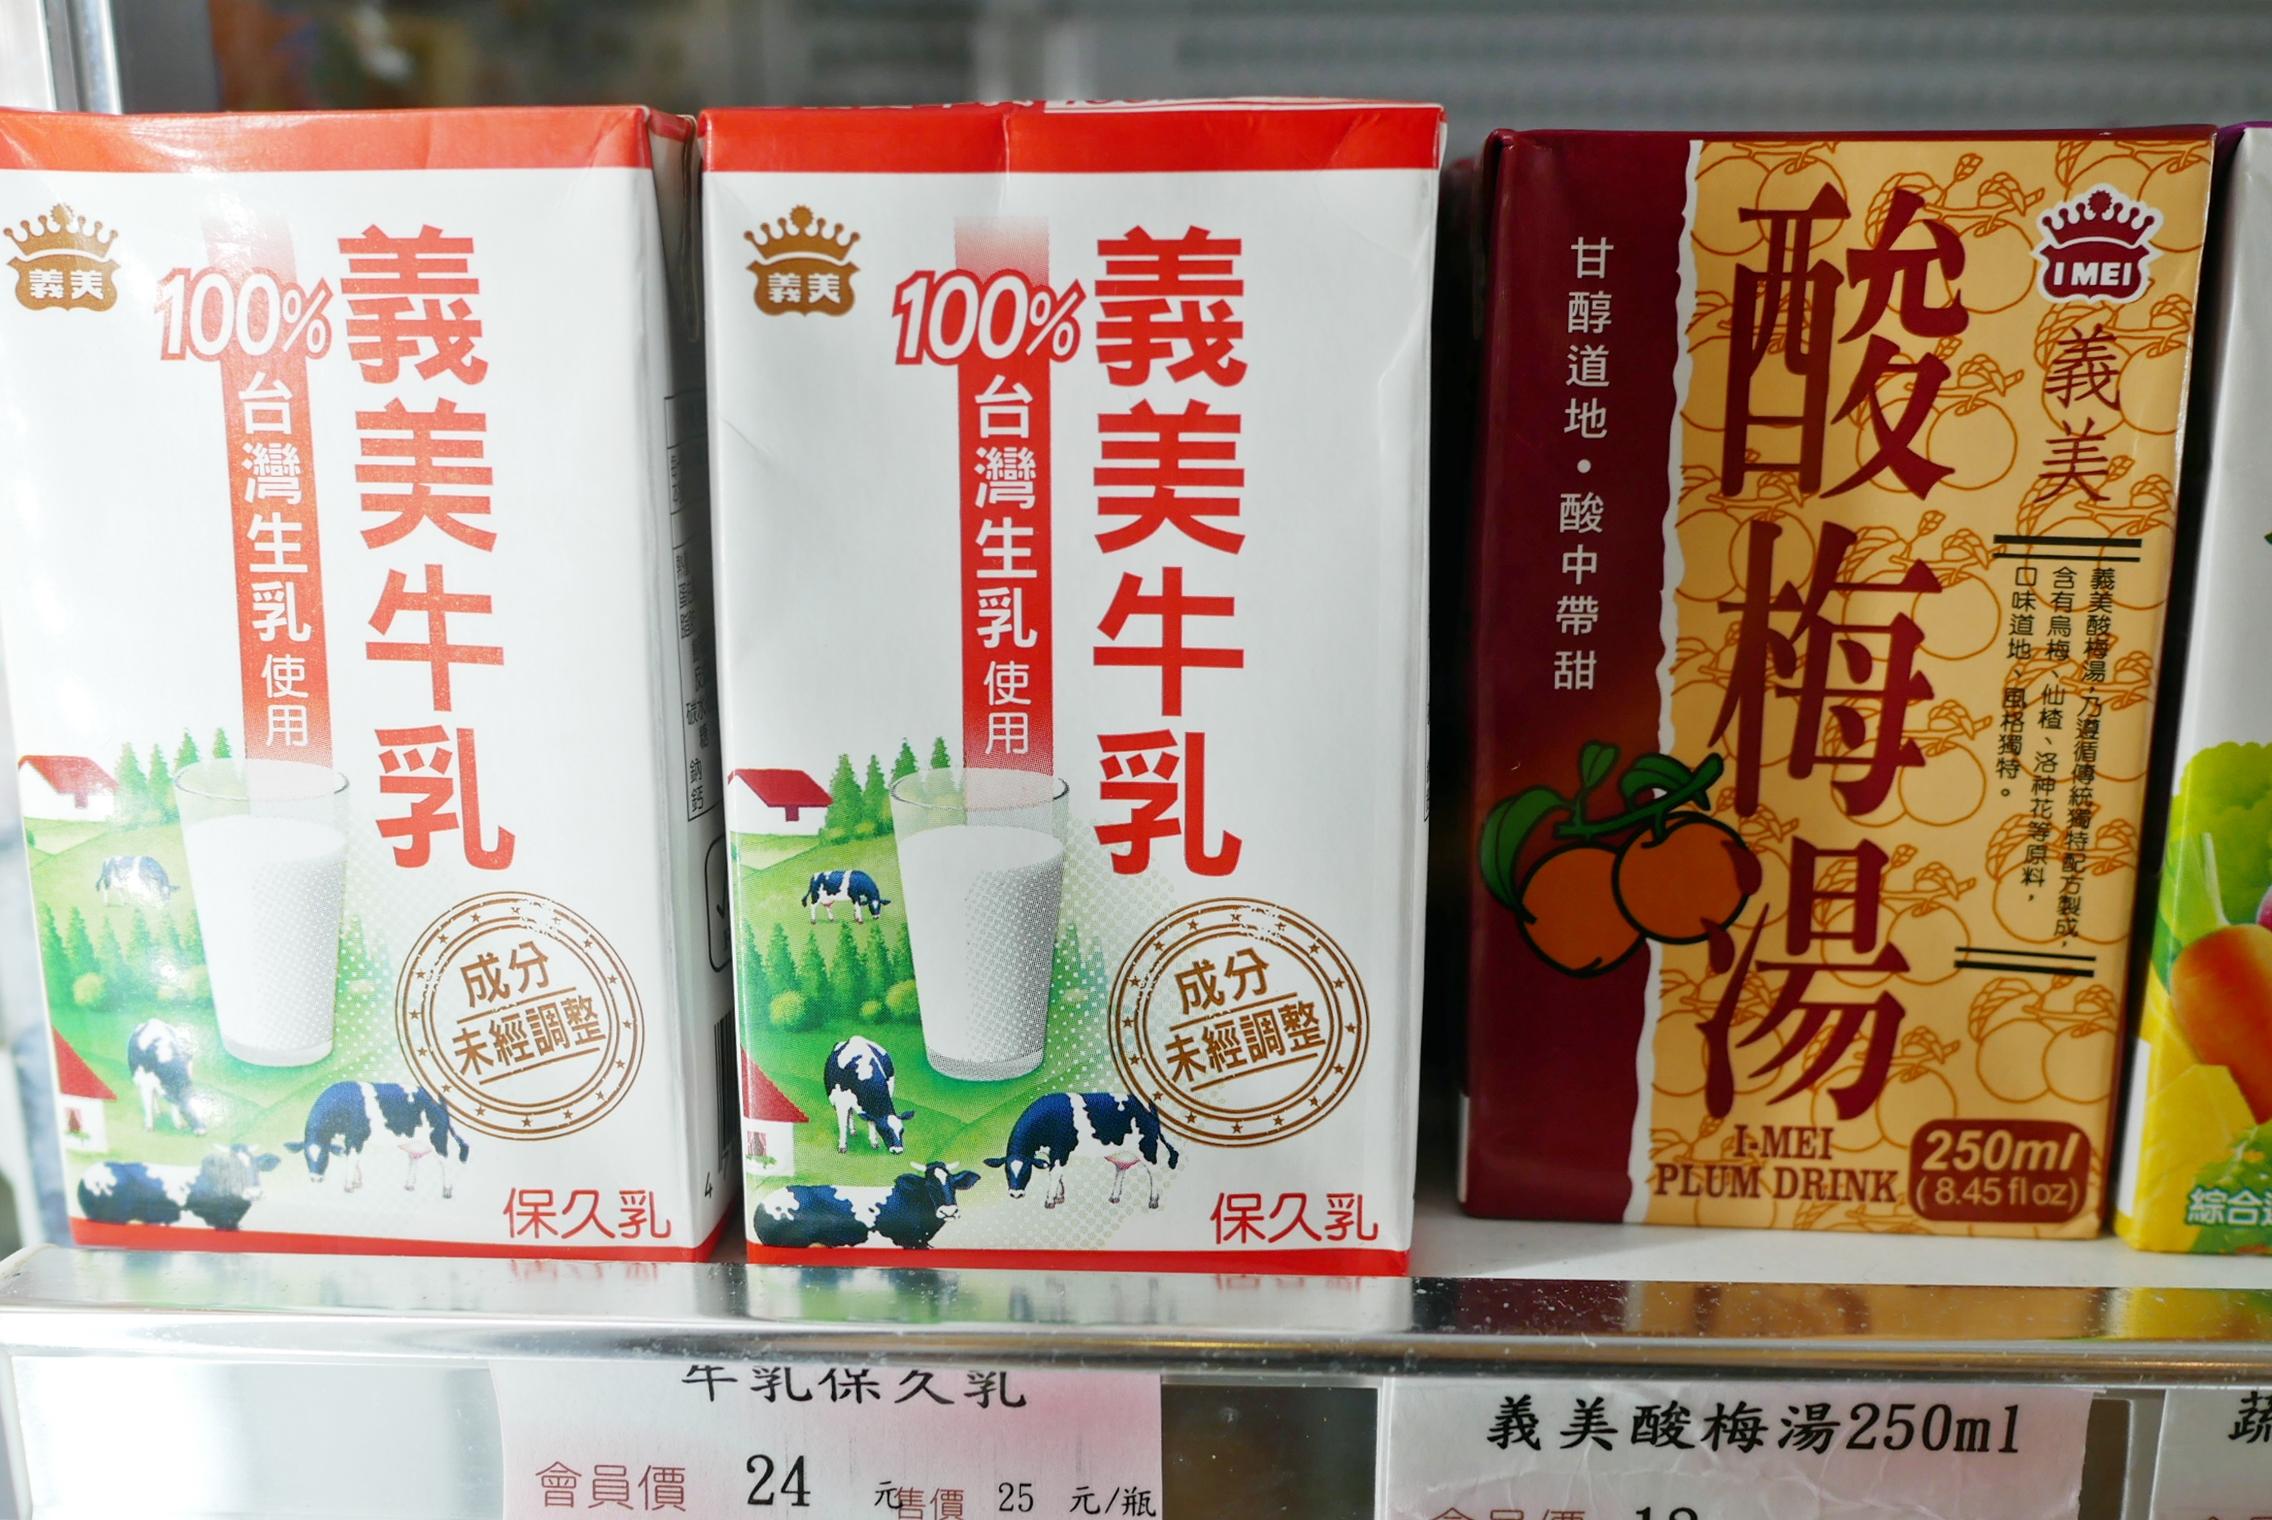 『生活。購物』 台灣在地老品牌  義美食品門市 網友推薦10大必買私房清單|還有我個人從小吃到大最愛的經典必吃推薦。